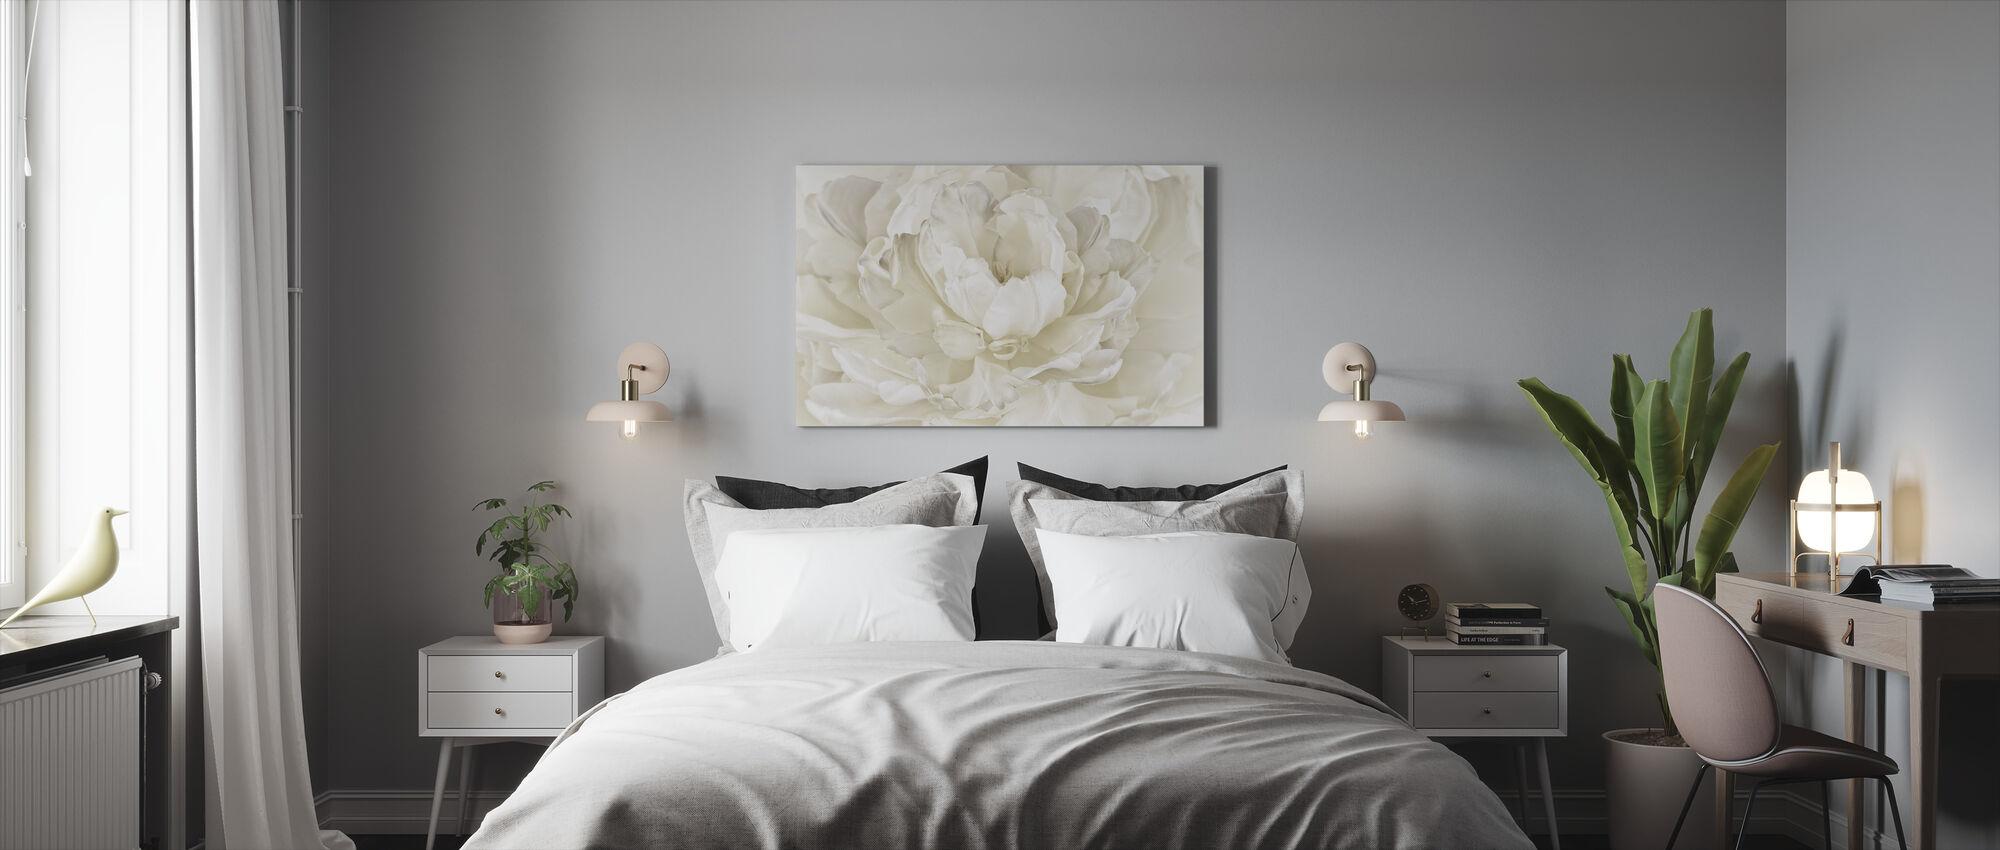 Ivory White Double Tulip - Canvas print - Bedroom